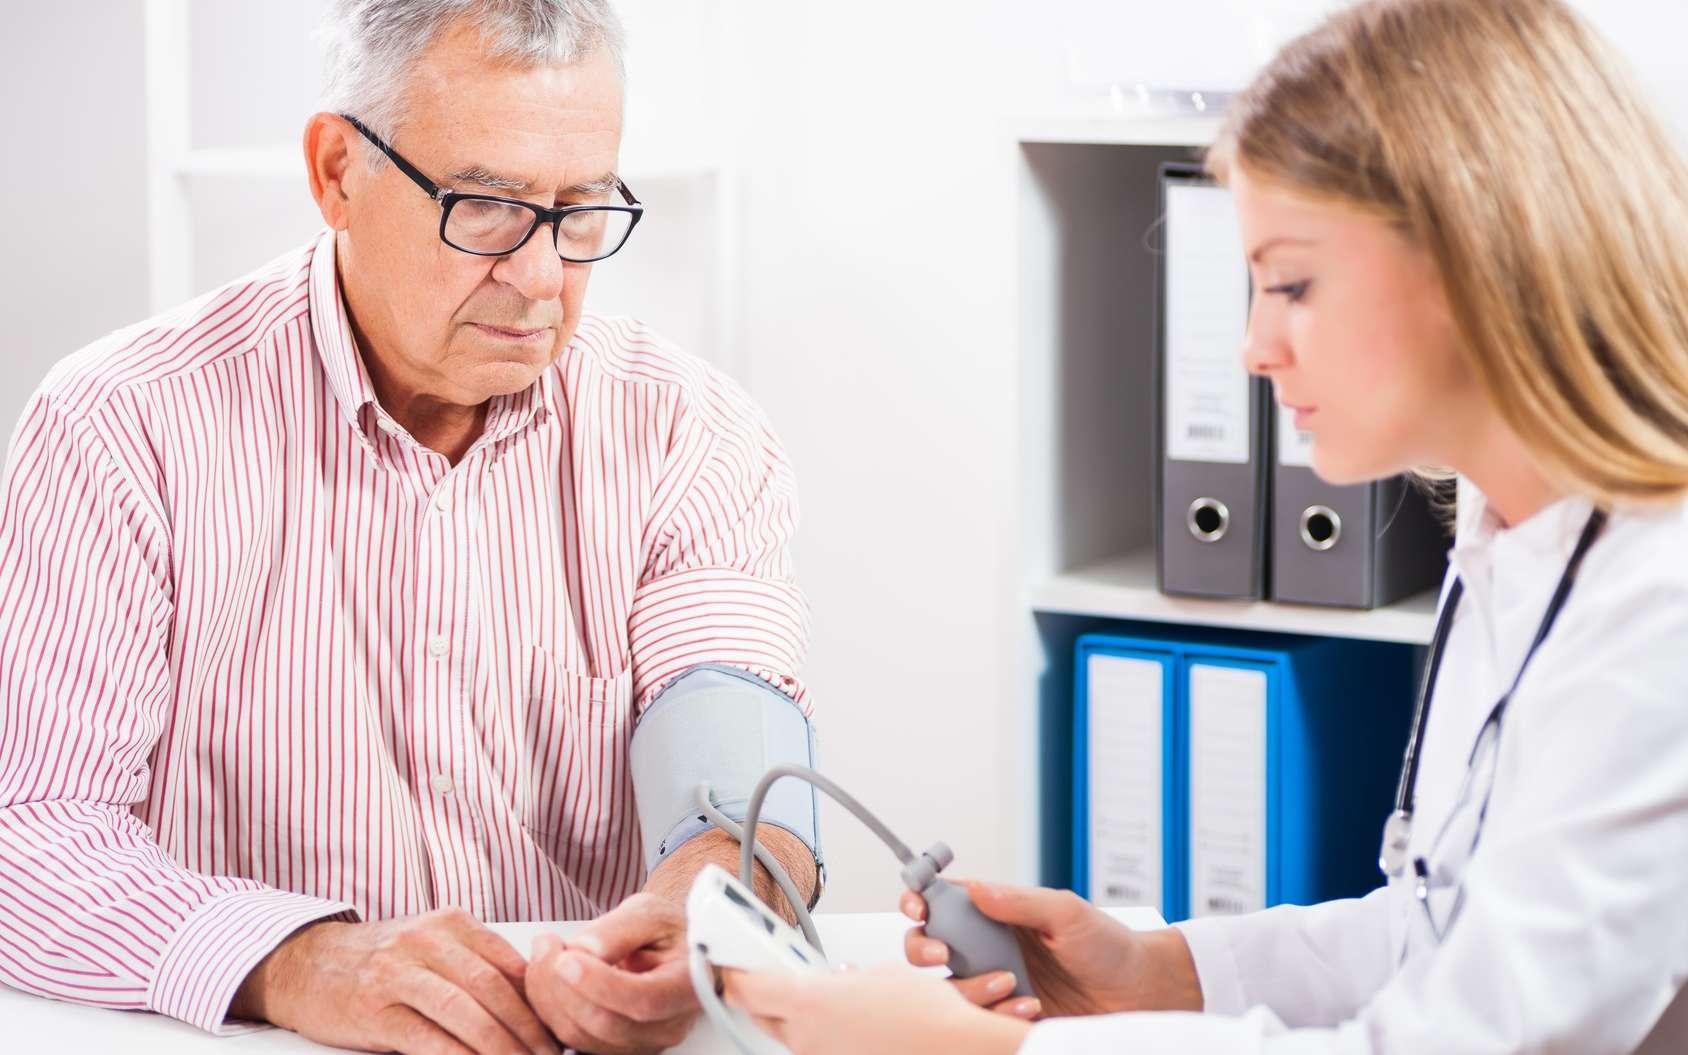 Les patients traités de manière intensive contre l'hypertension risquent moins de souffrir de déficit cognitif léger. © djoronimo, Fotolia